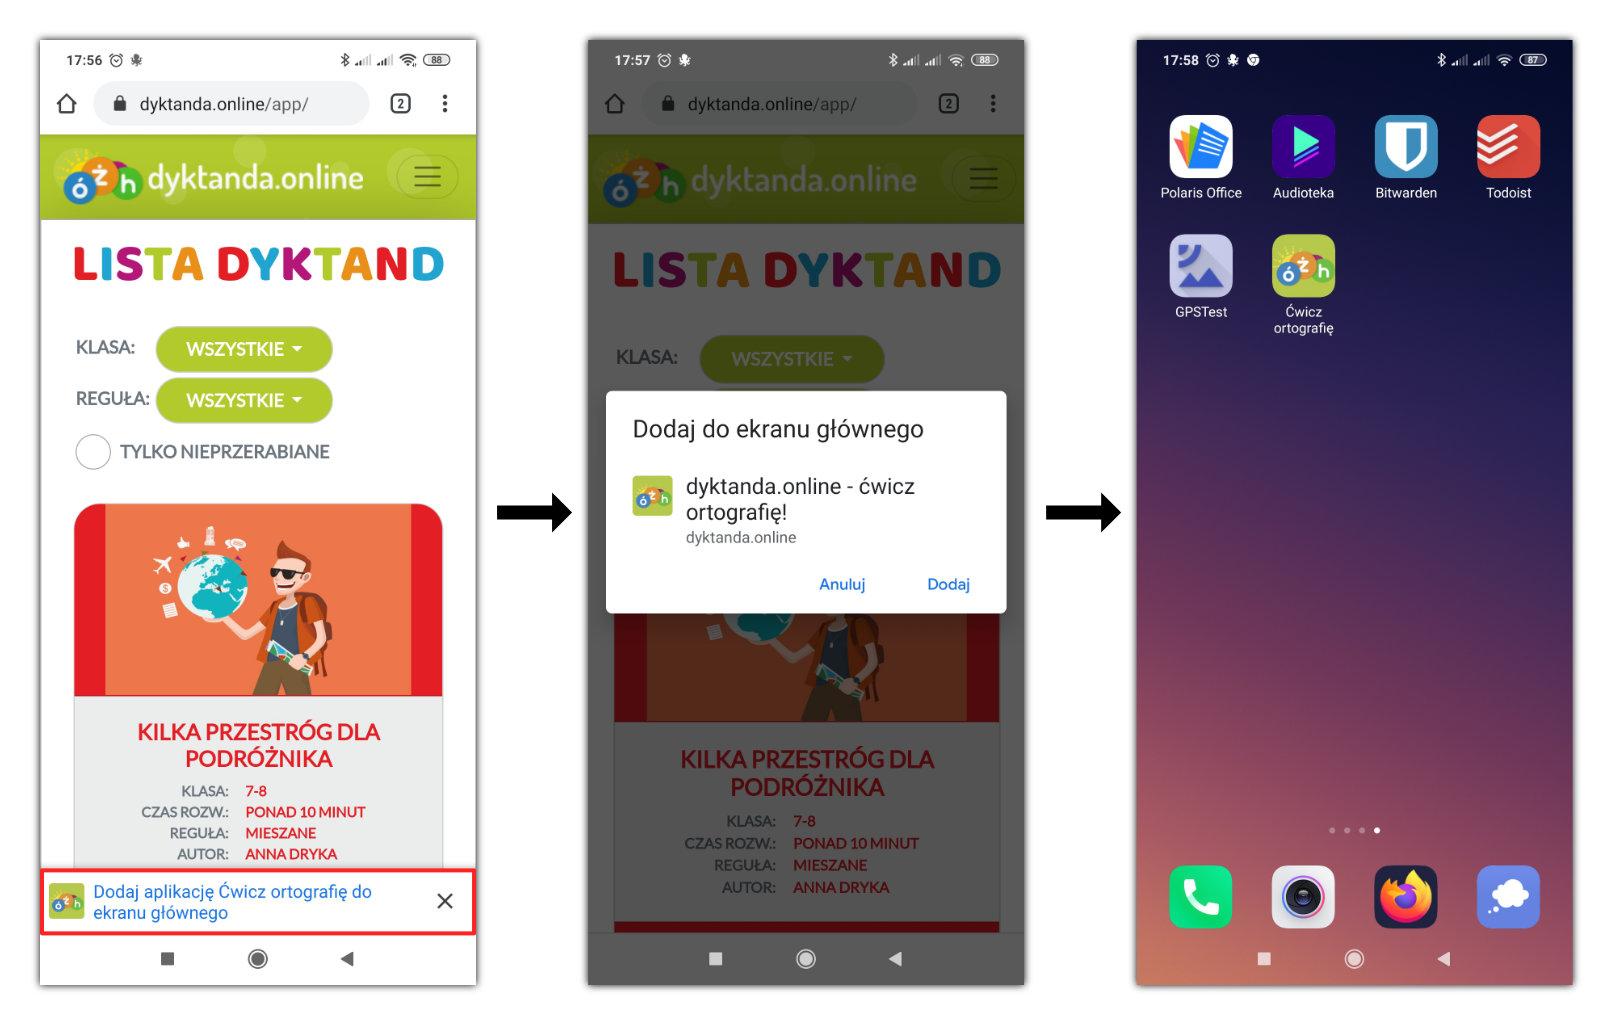 Instalacja aplikacji dyktanda.online na Androidzie